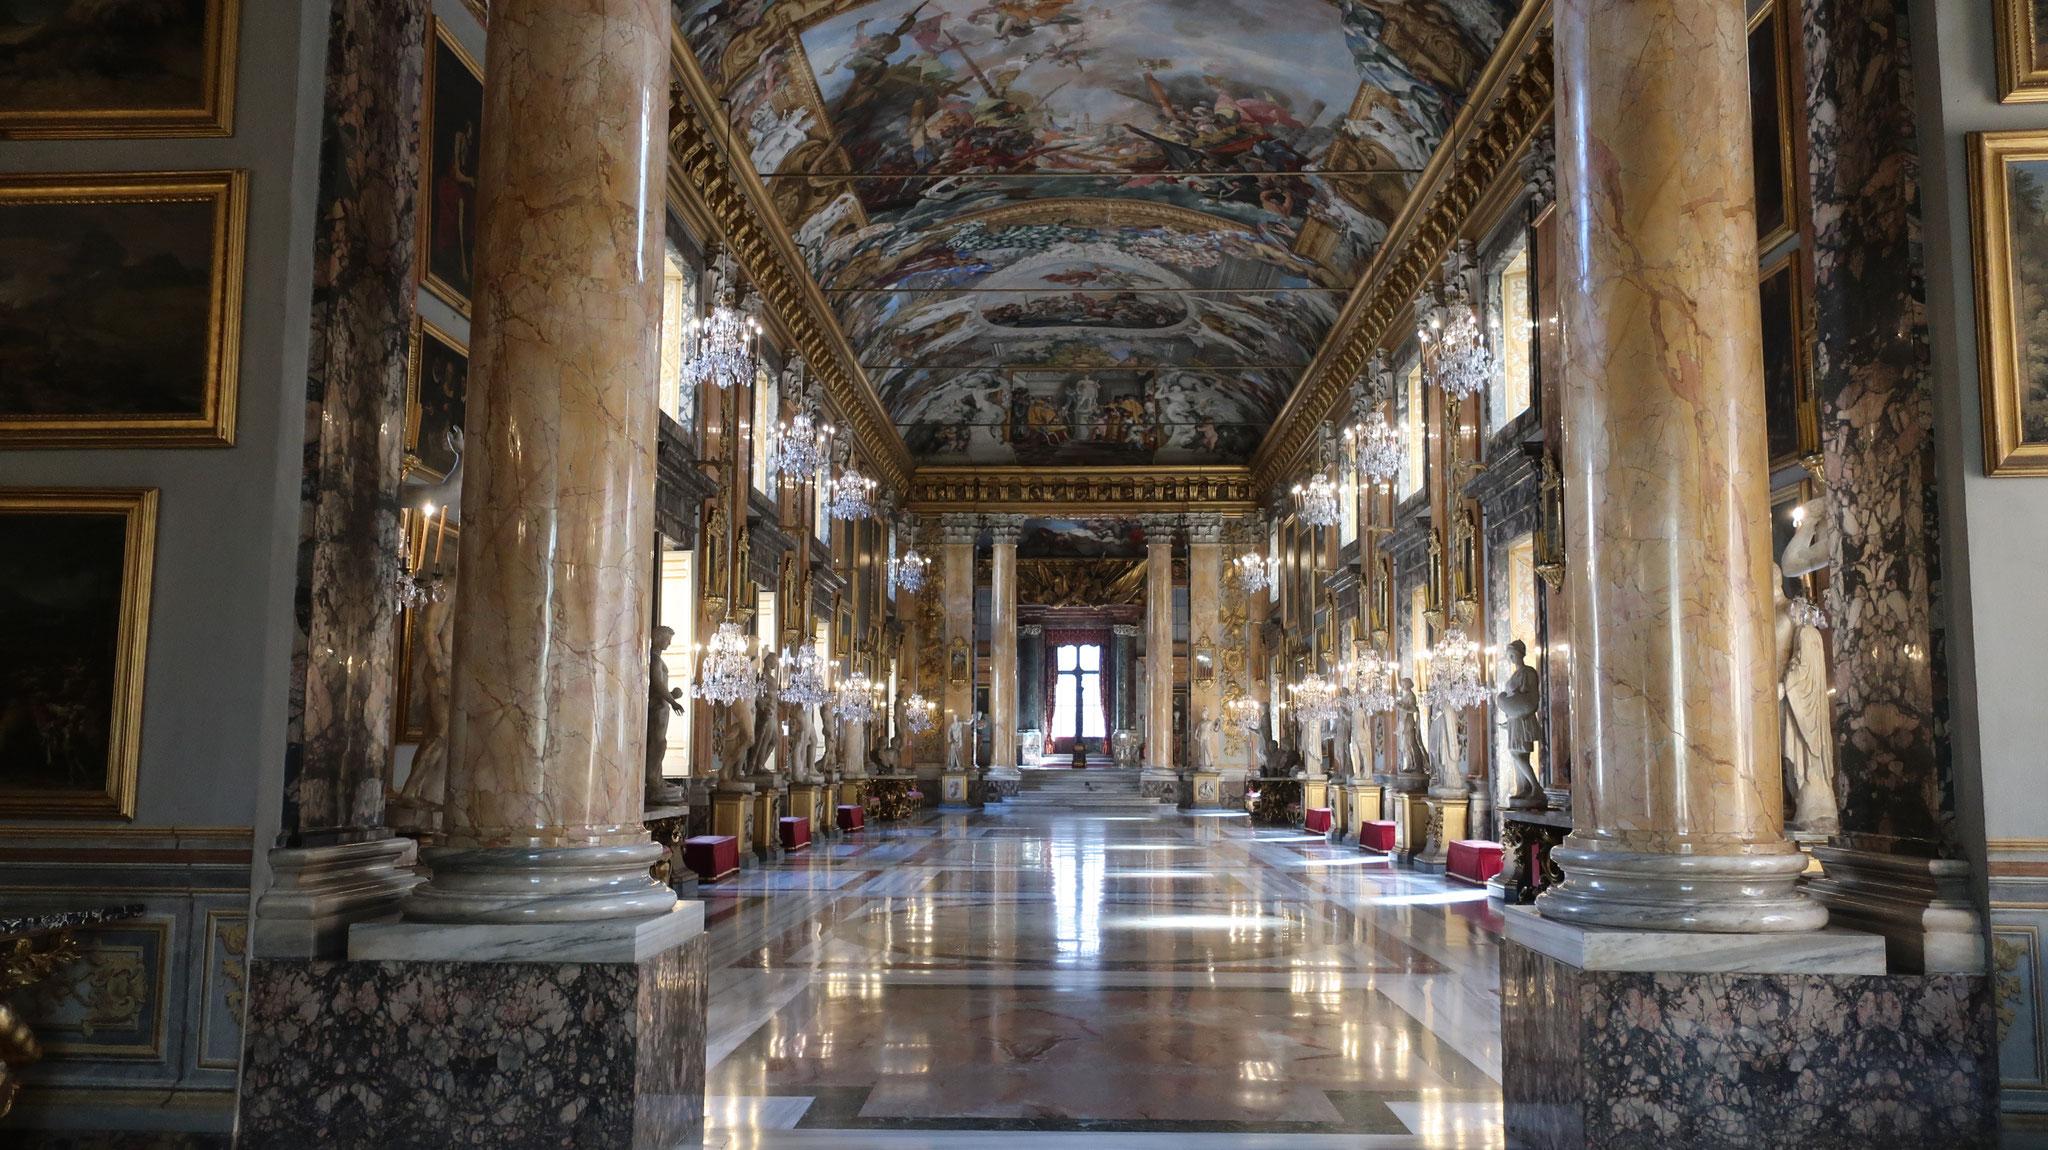 映画「ローマの休日」のラスト、アン王女(オードリー・ヘップバーン)記者会見の会場です。